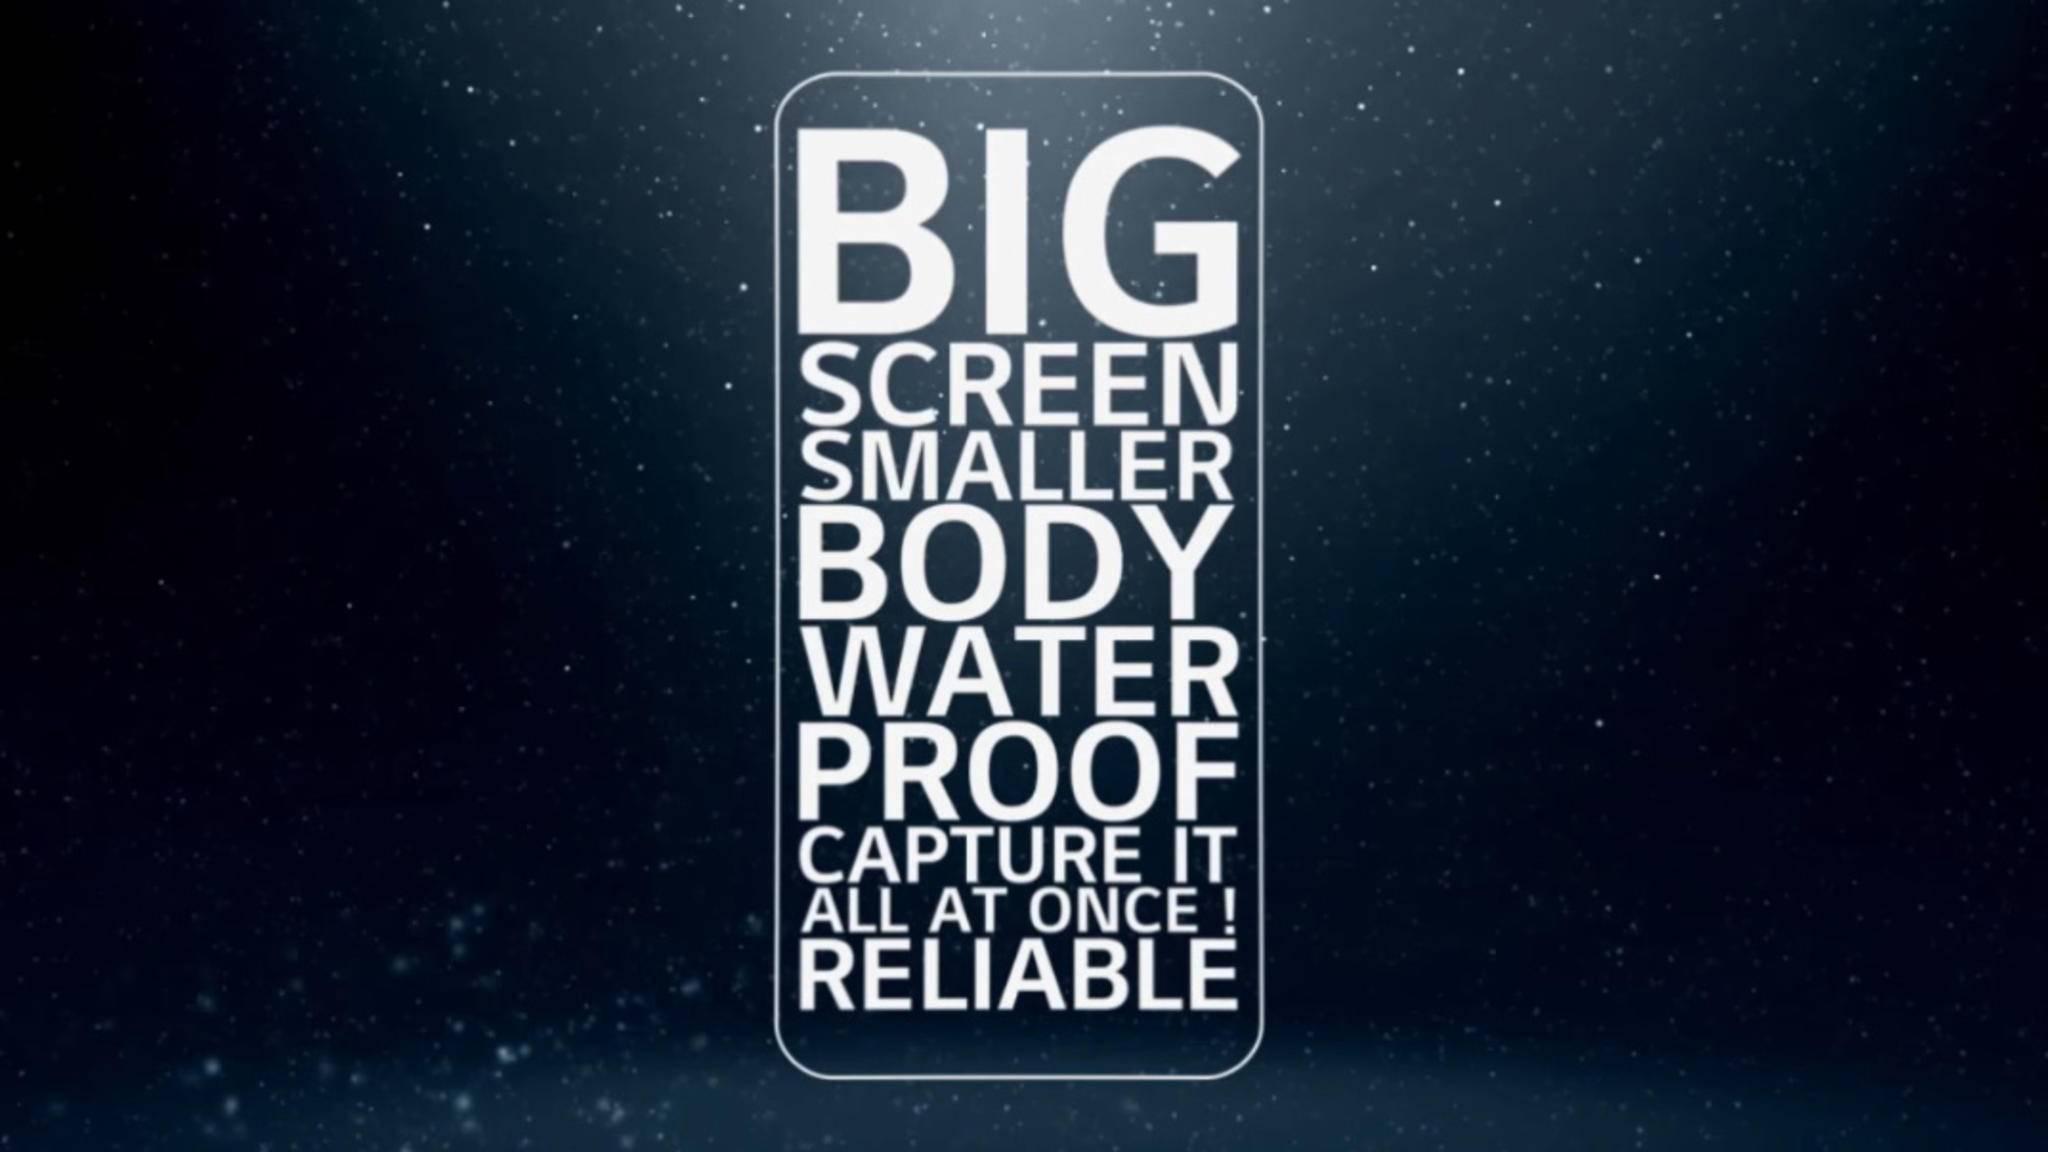 Das LG G6 hat mit einem Seitenverhältnis von 18:9 einen besonders langen Bildschirm.